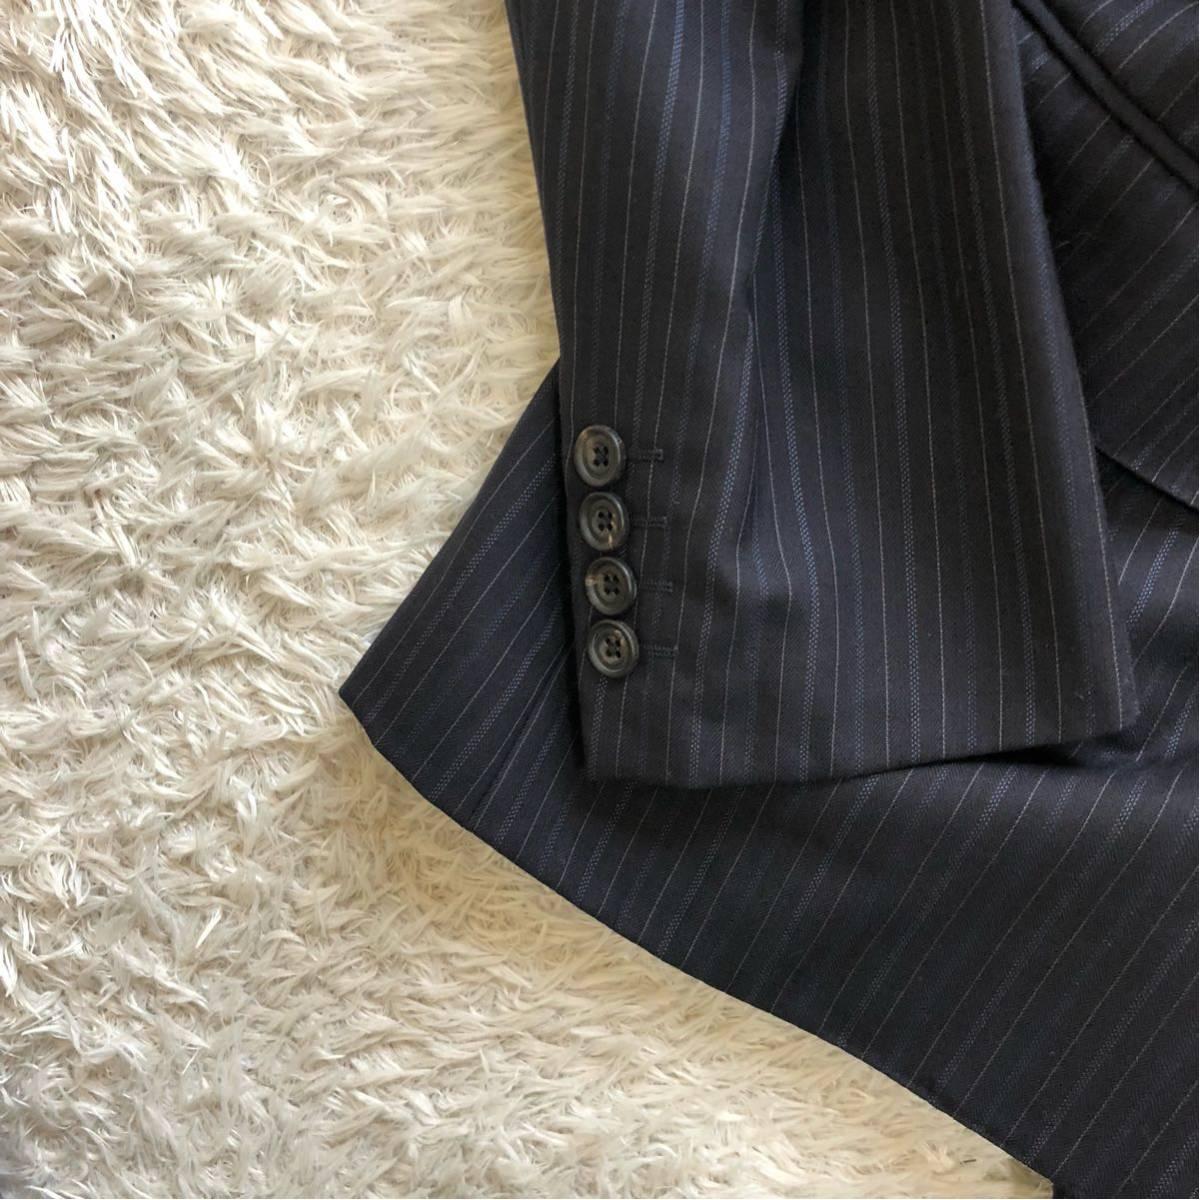 【英国感漂う1着】 アクアスキュータム 2B シングル スーツ 美品 M~Lサイズ相当_画像6